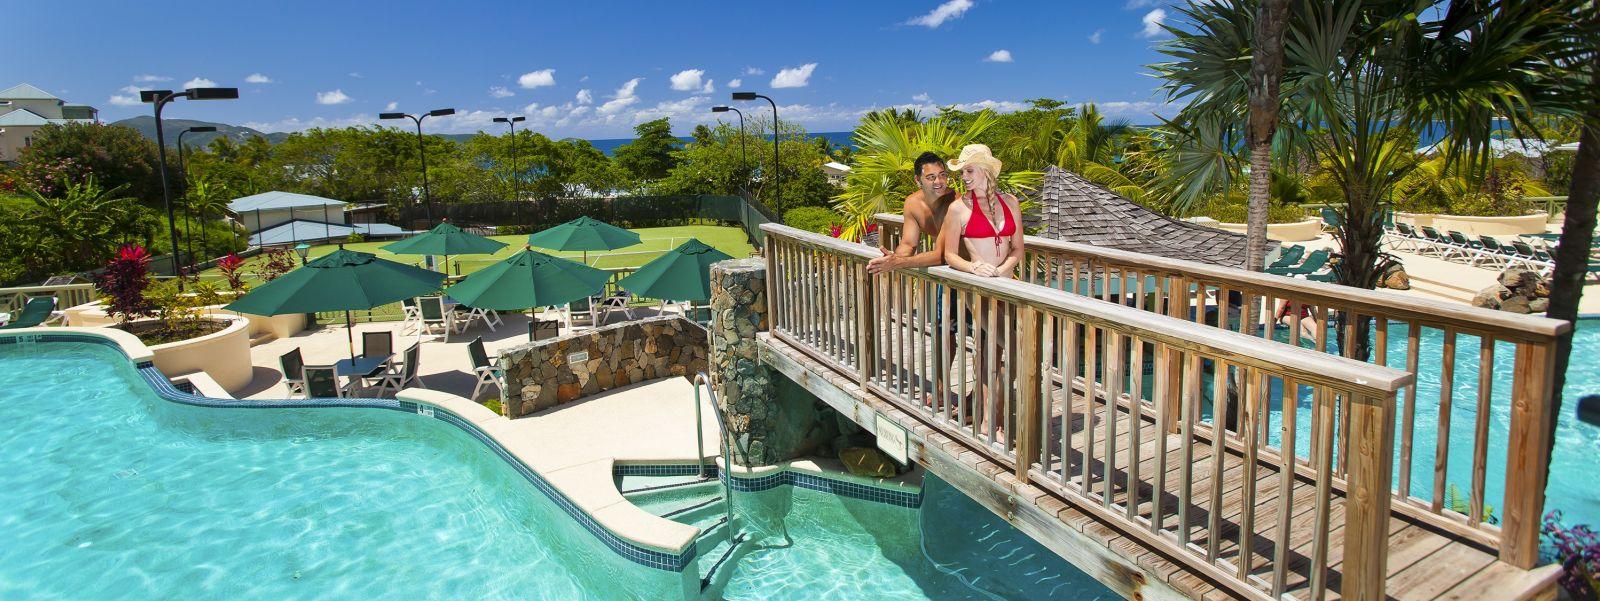 Bay Resort Myrtle Beach